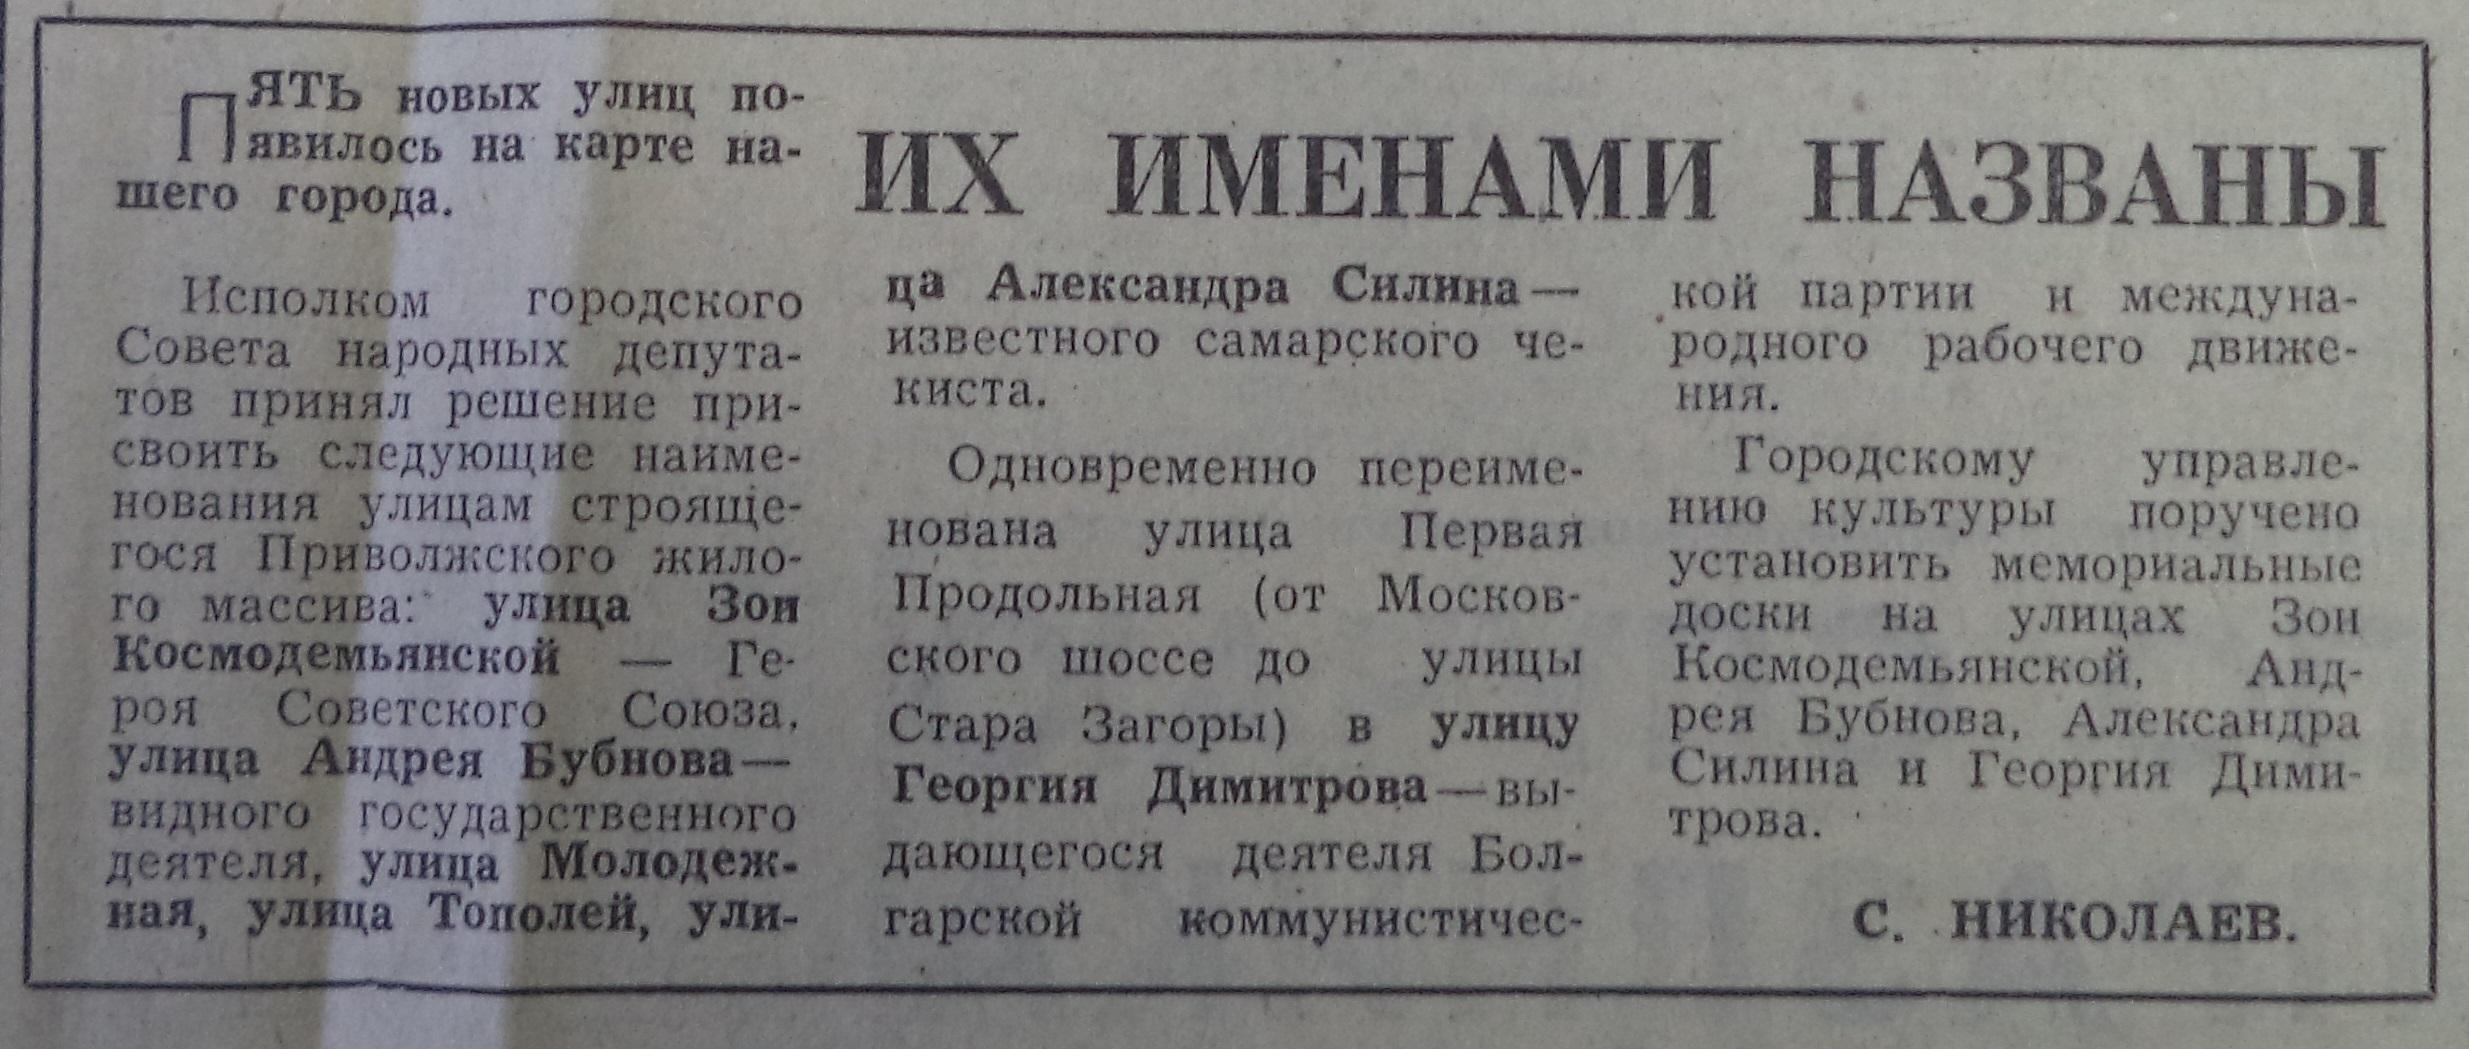 ГД-ФОТО-33-ВЗя-1980-01-01-новые улицы Приволж. мкр